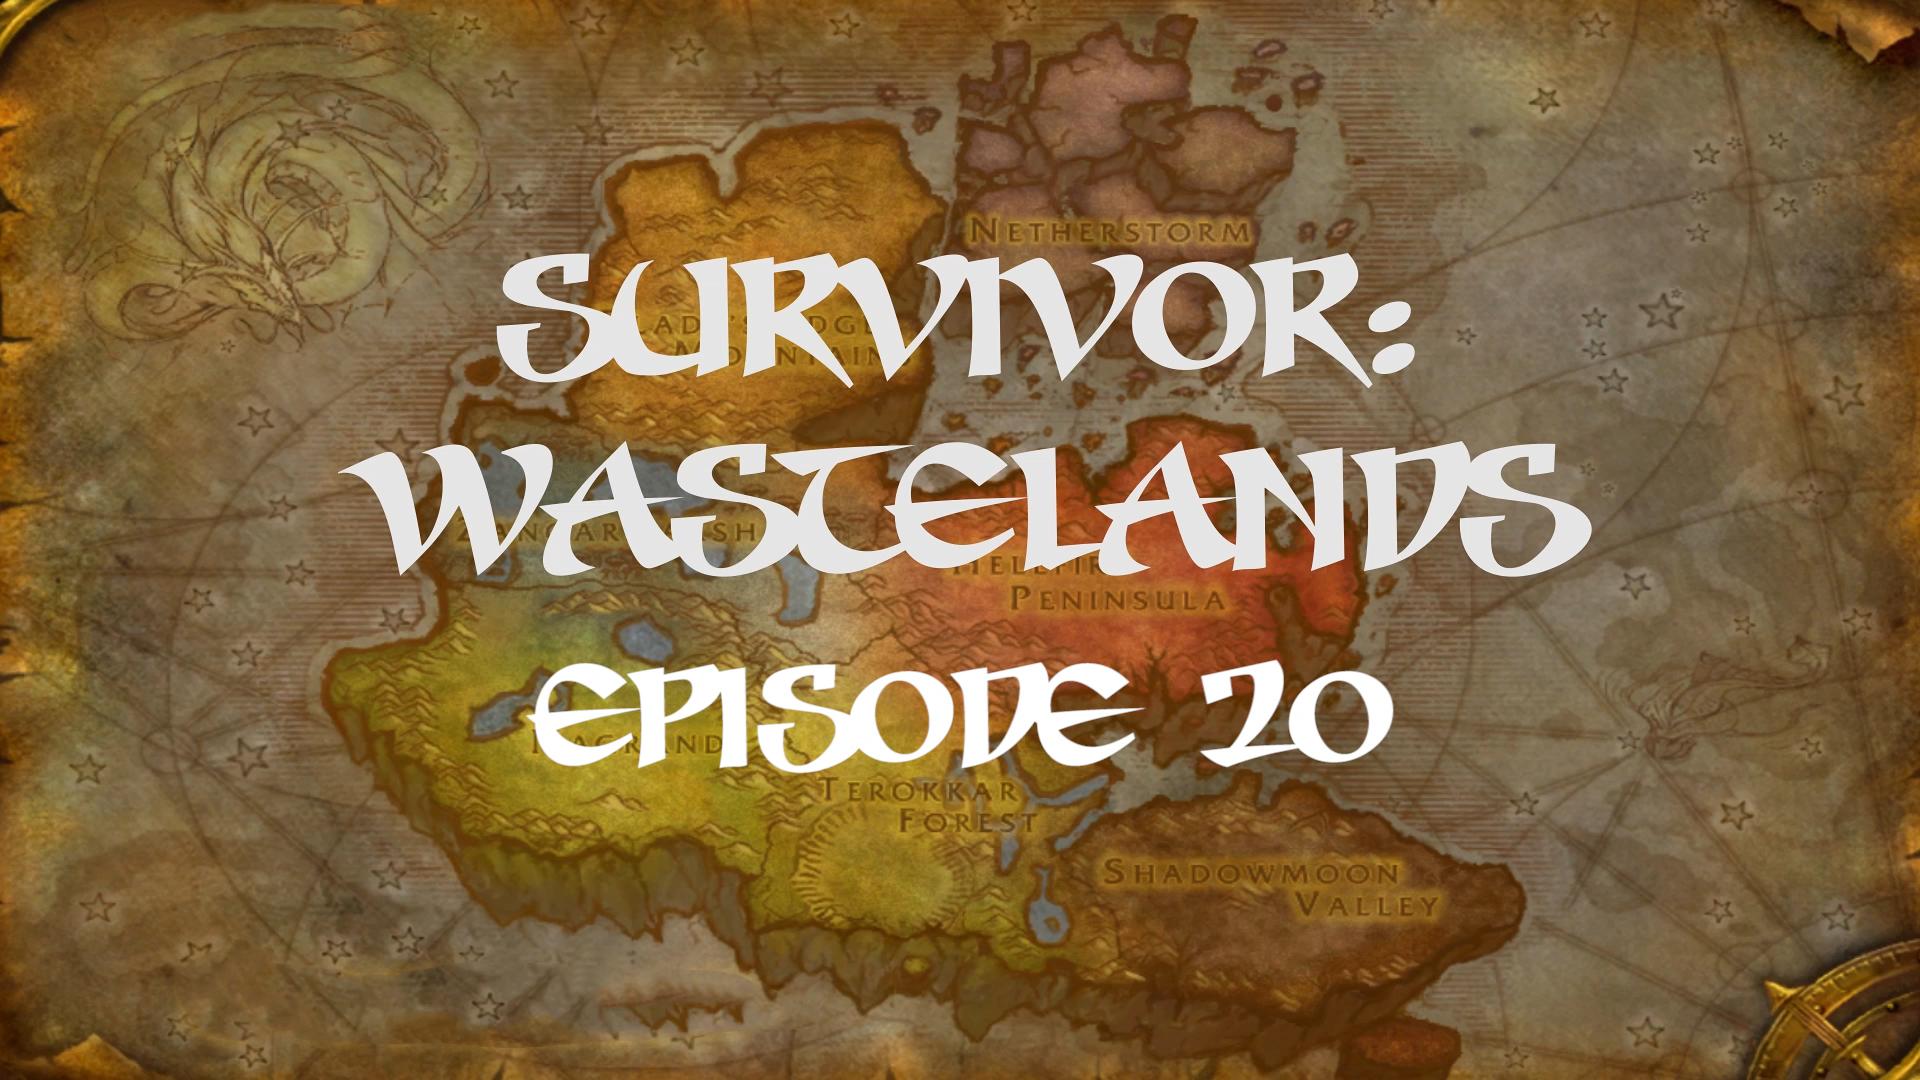 Survivor Wastelands Episode 20.jpg